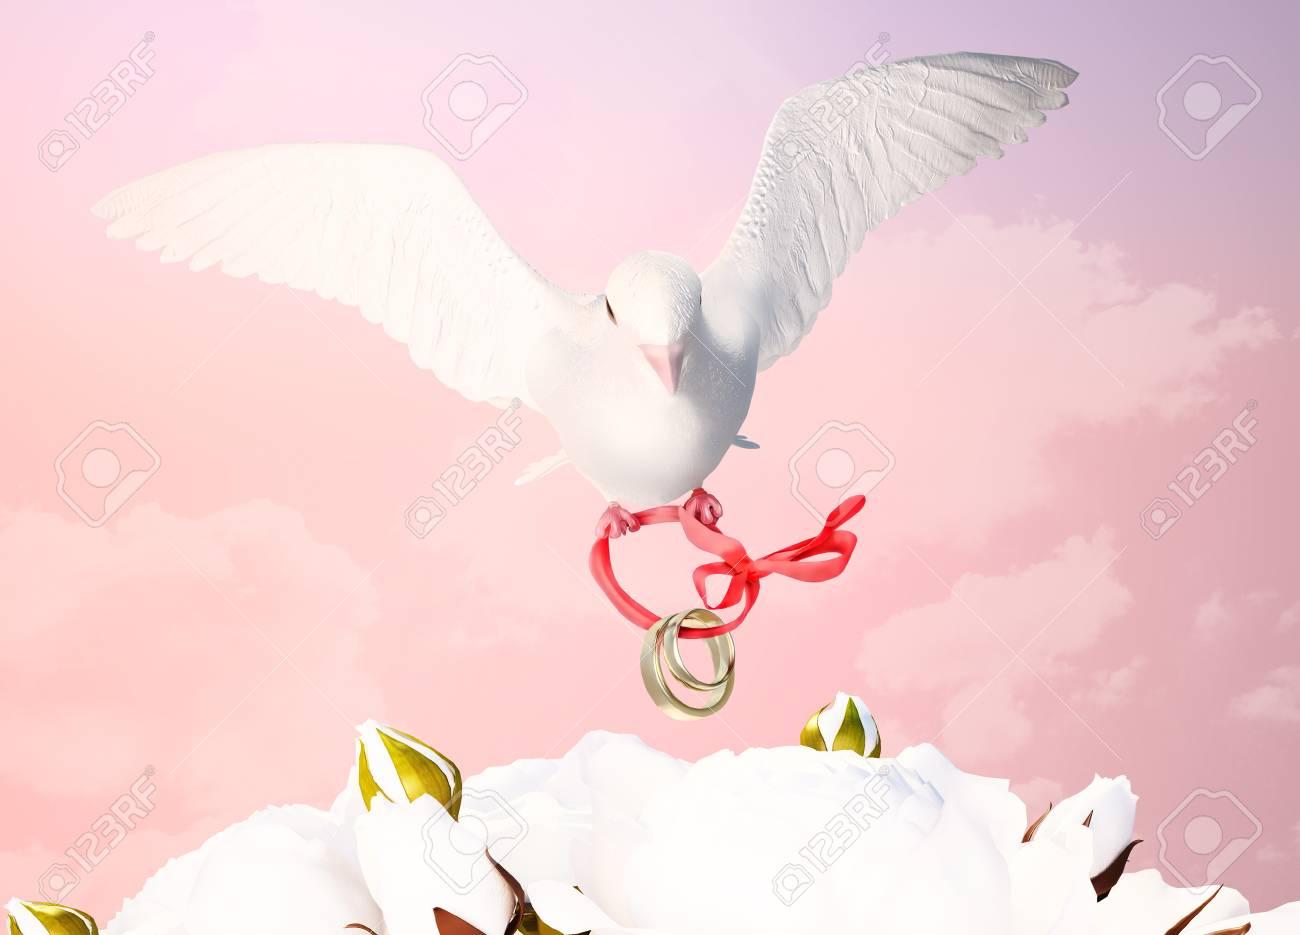 Weisse Taube Hochzeit Konzept Lizenzfreie Fotos Bilder Und Stock